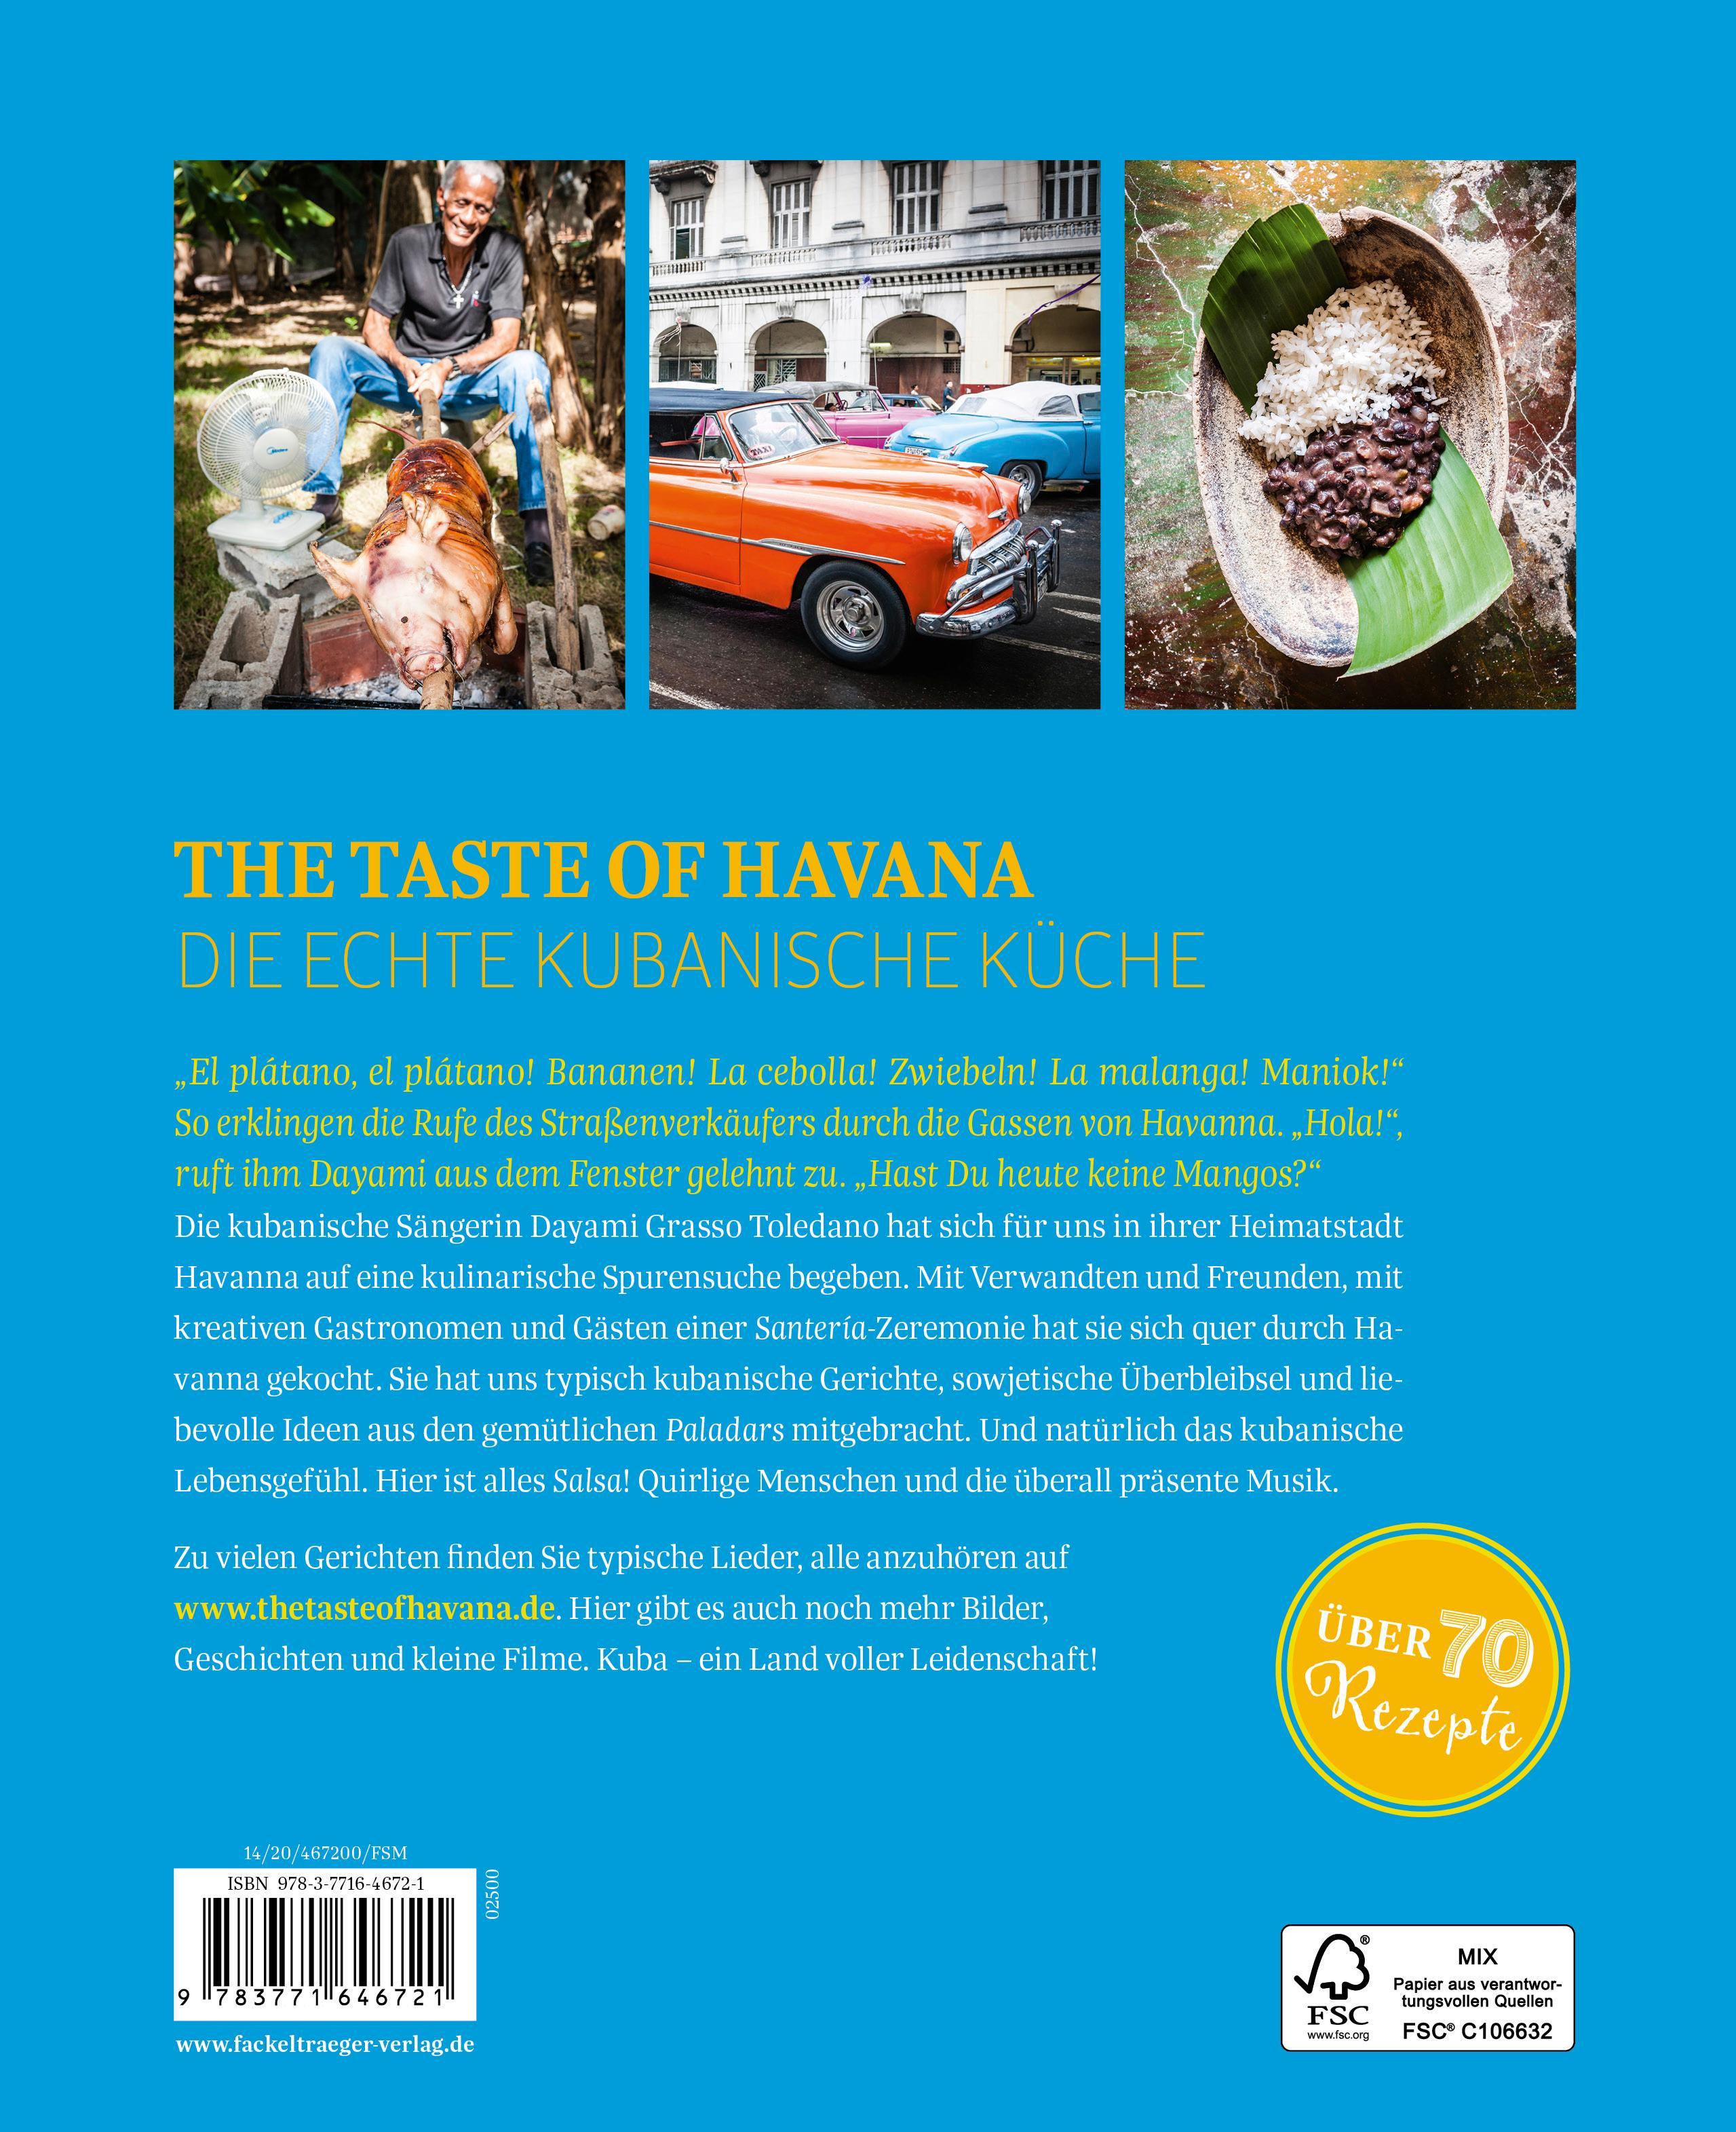 The Taste of Havana - Die echte kubanische Küche: Amazon.de: Lutz ...